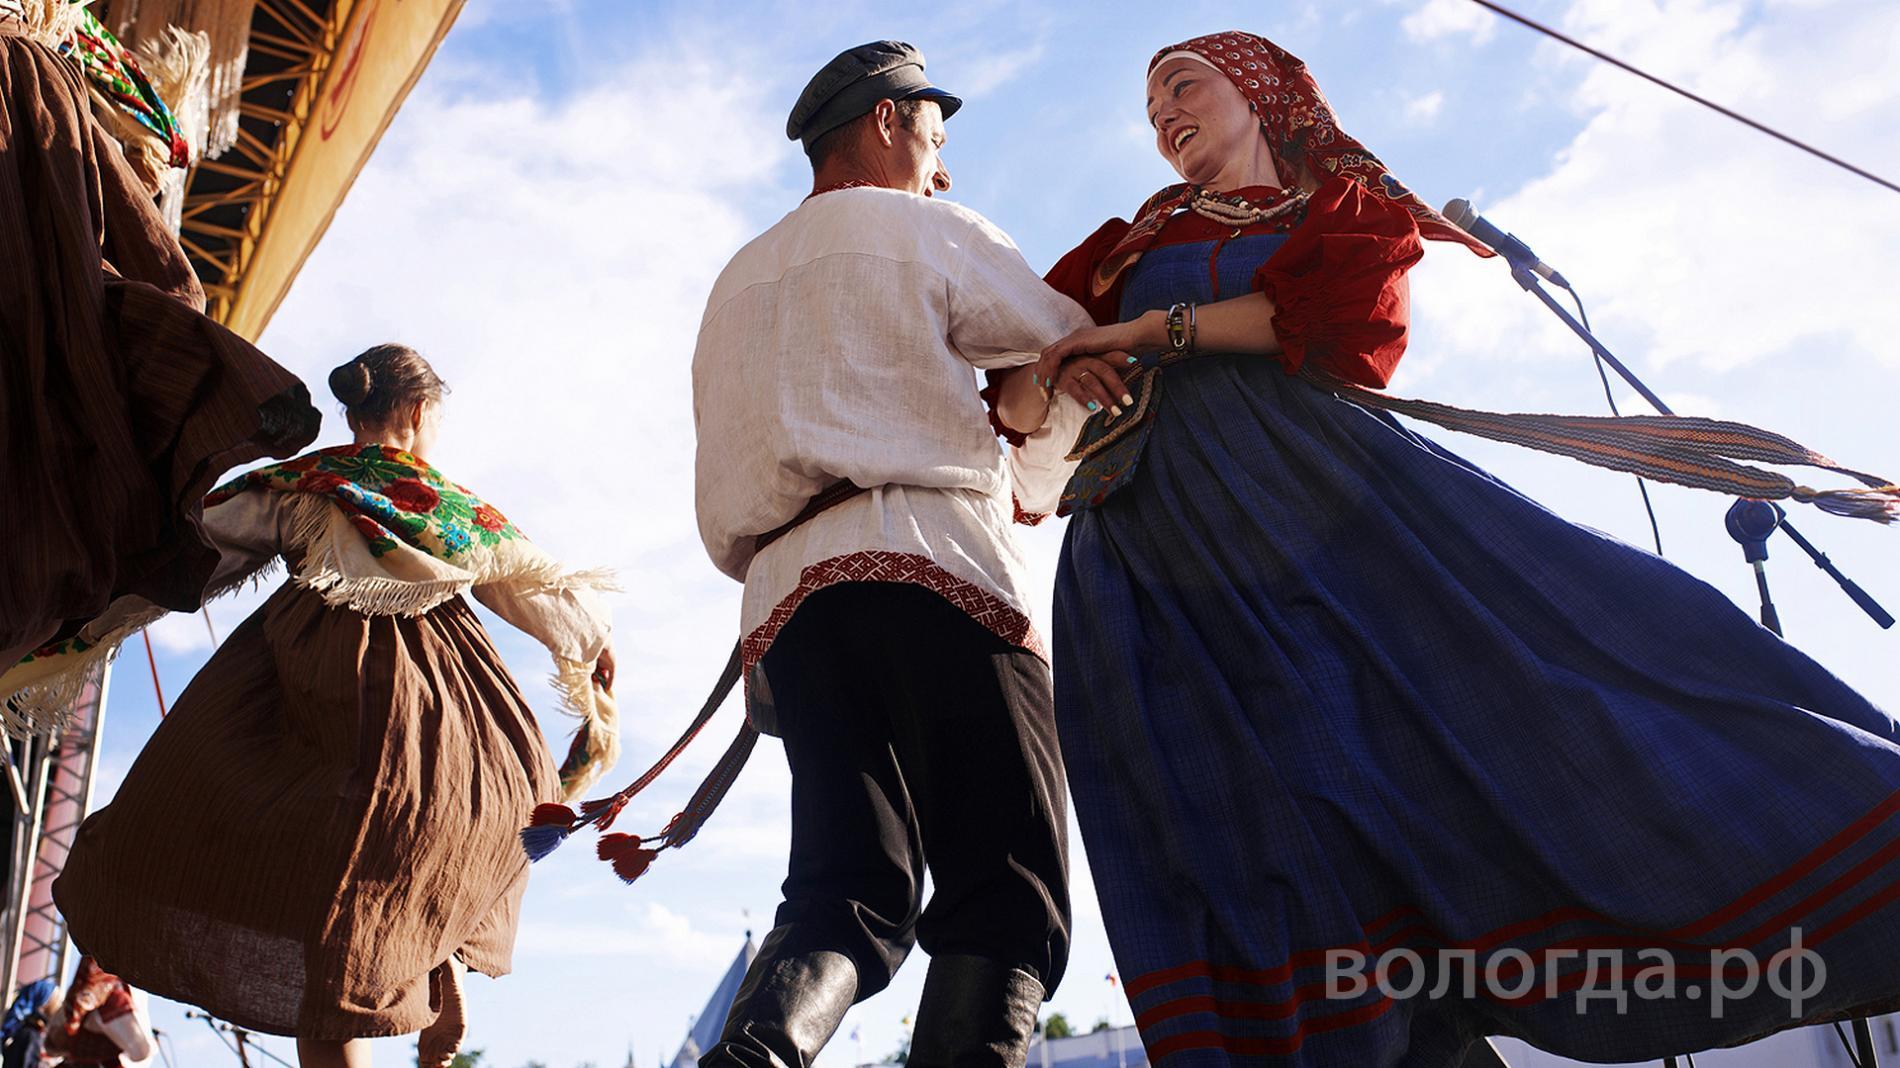 Вологда готовится к участию сразу в двух туристических выставках